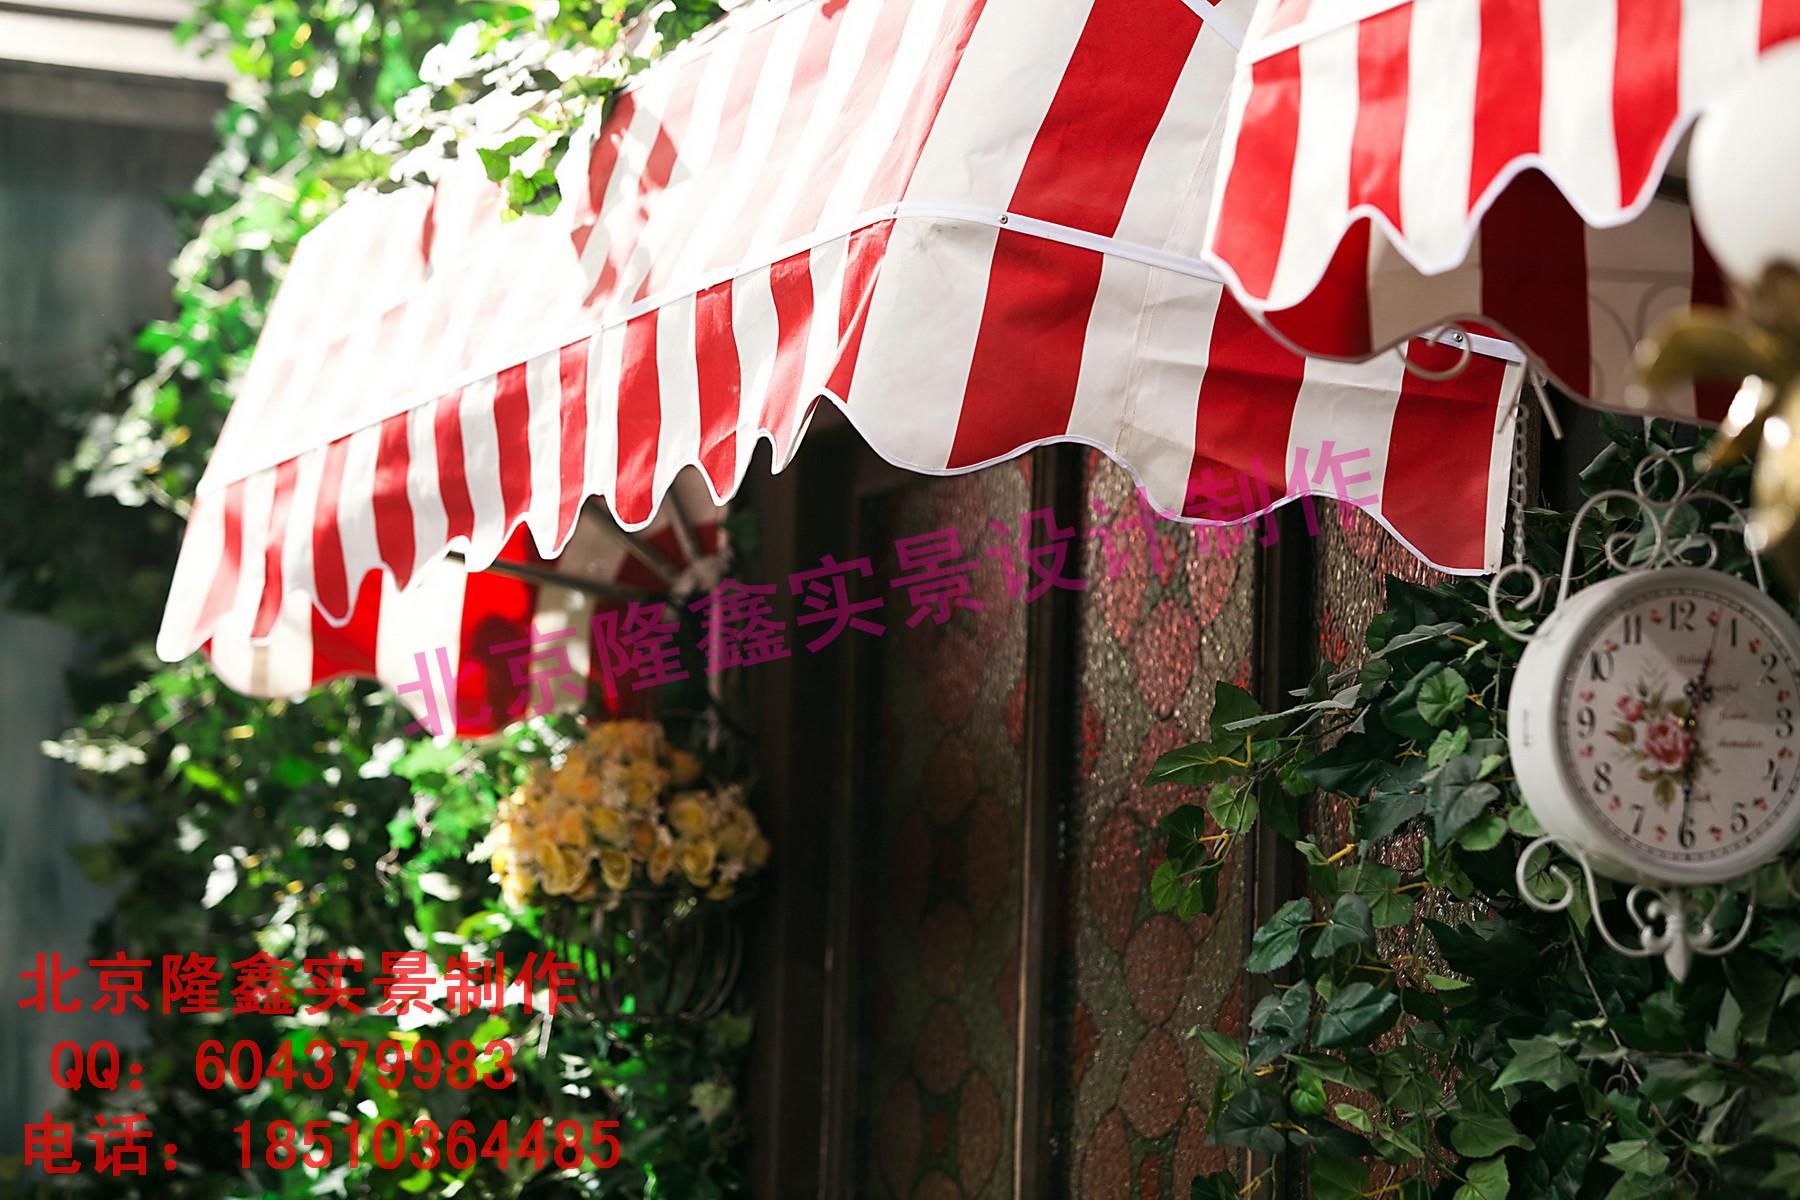 北京隆鑫实景设计制作,精心打造实景制作精品工程,主要承接国内,影视实景基地,大中小型影楼的影棚实景设计与制作。一流的安装技术,最优惠的价位,为您制作:豪华大气欧式婚纱实景,清新唯美韩式婚纱实景,高端复古中式婚纱实景, 3D、无闪儿童实景影棚,旧景翻新与改色;免费上门设计规划,期待您的来电咨询洽谈。 咨询电话;18510364485 业务Q Q;604379983 隆鑫实景与您一起打造实景最高端;愿您:生意兴隆发大财!